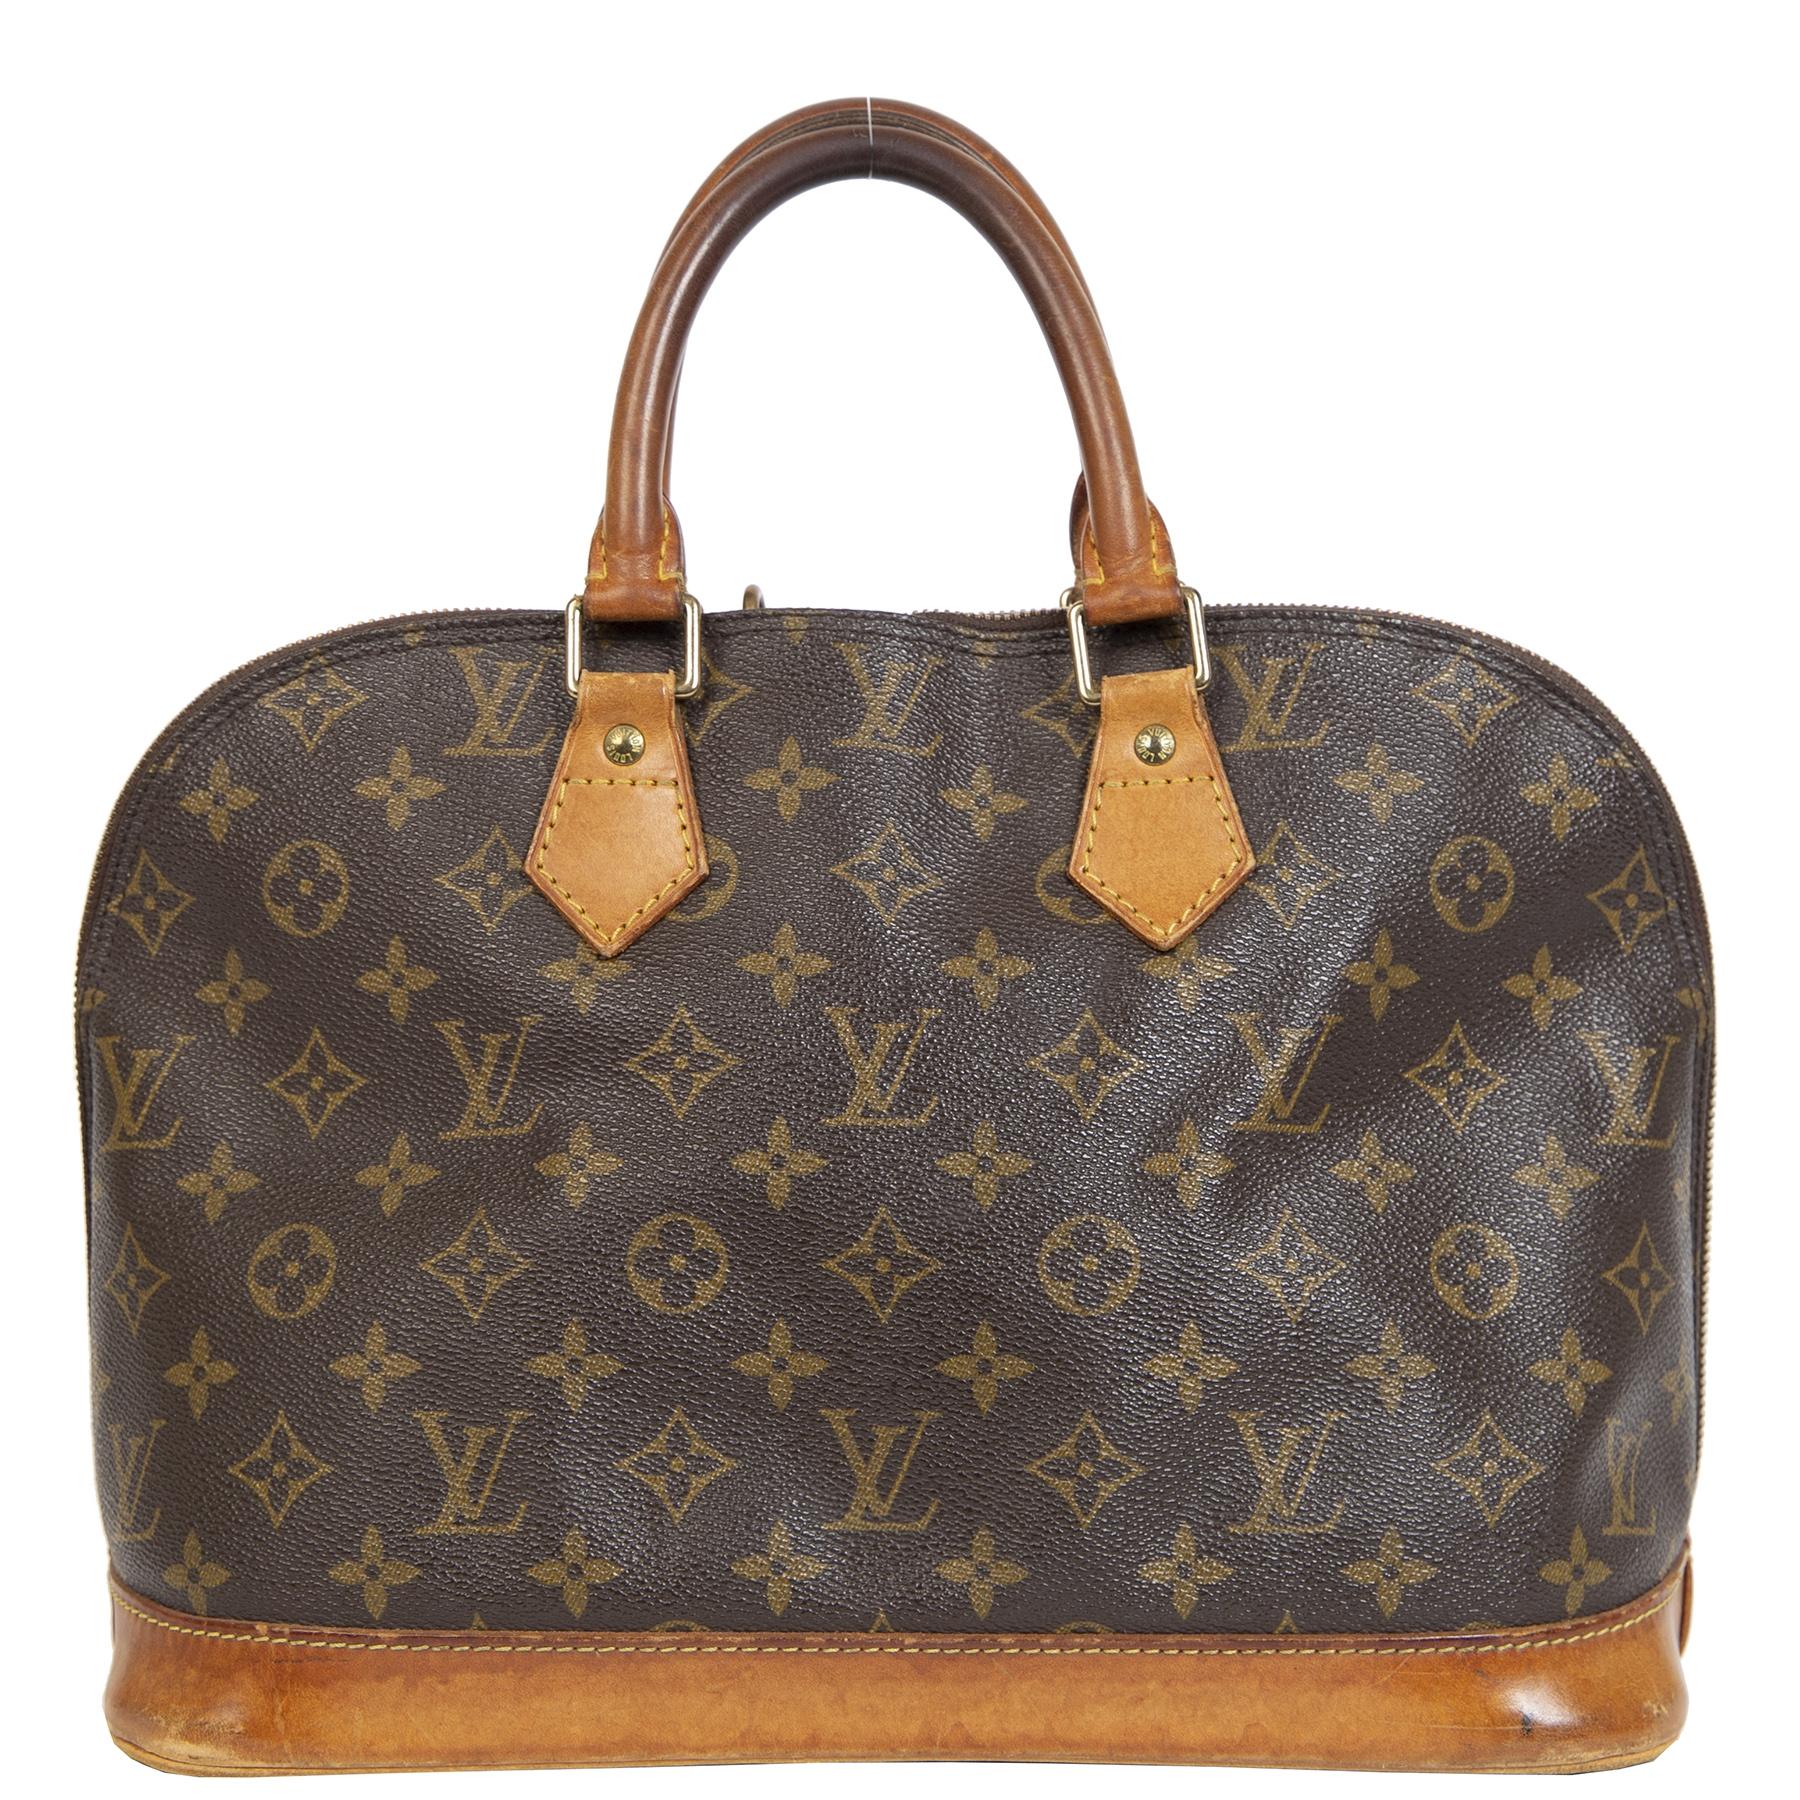 Authentieke Tweedehands Louis Vuitton Monogram Alma PM Bag juiste prijs veilig online shoppen luxe merken webshop winkelen Antewerpen België mode fashion